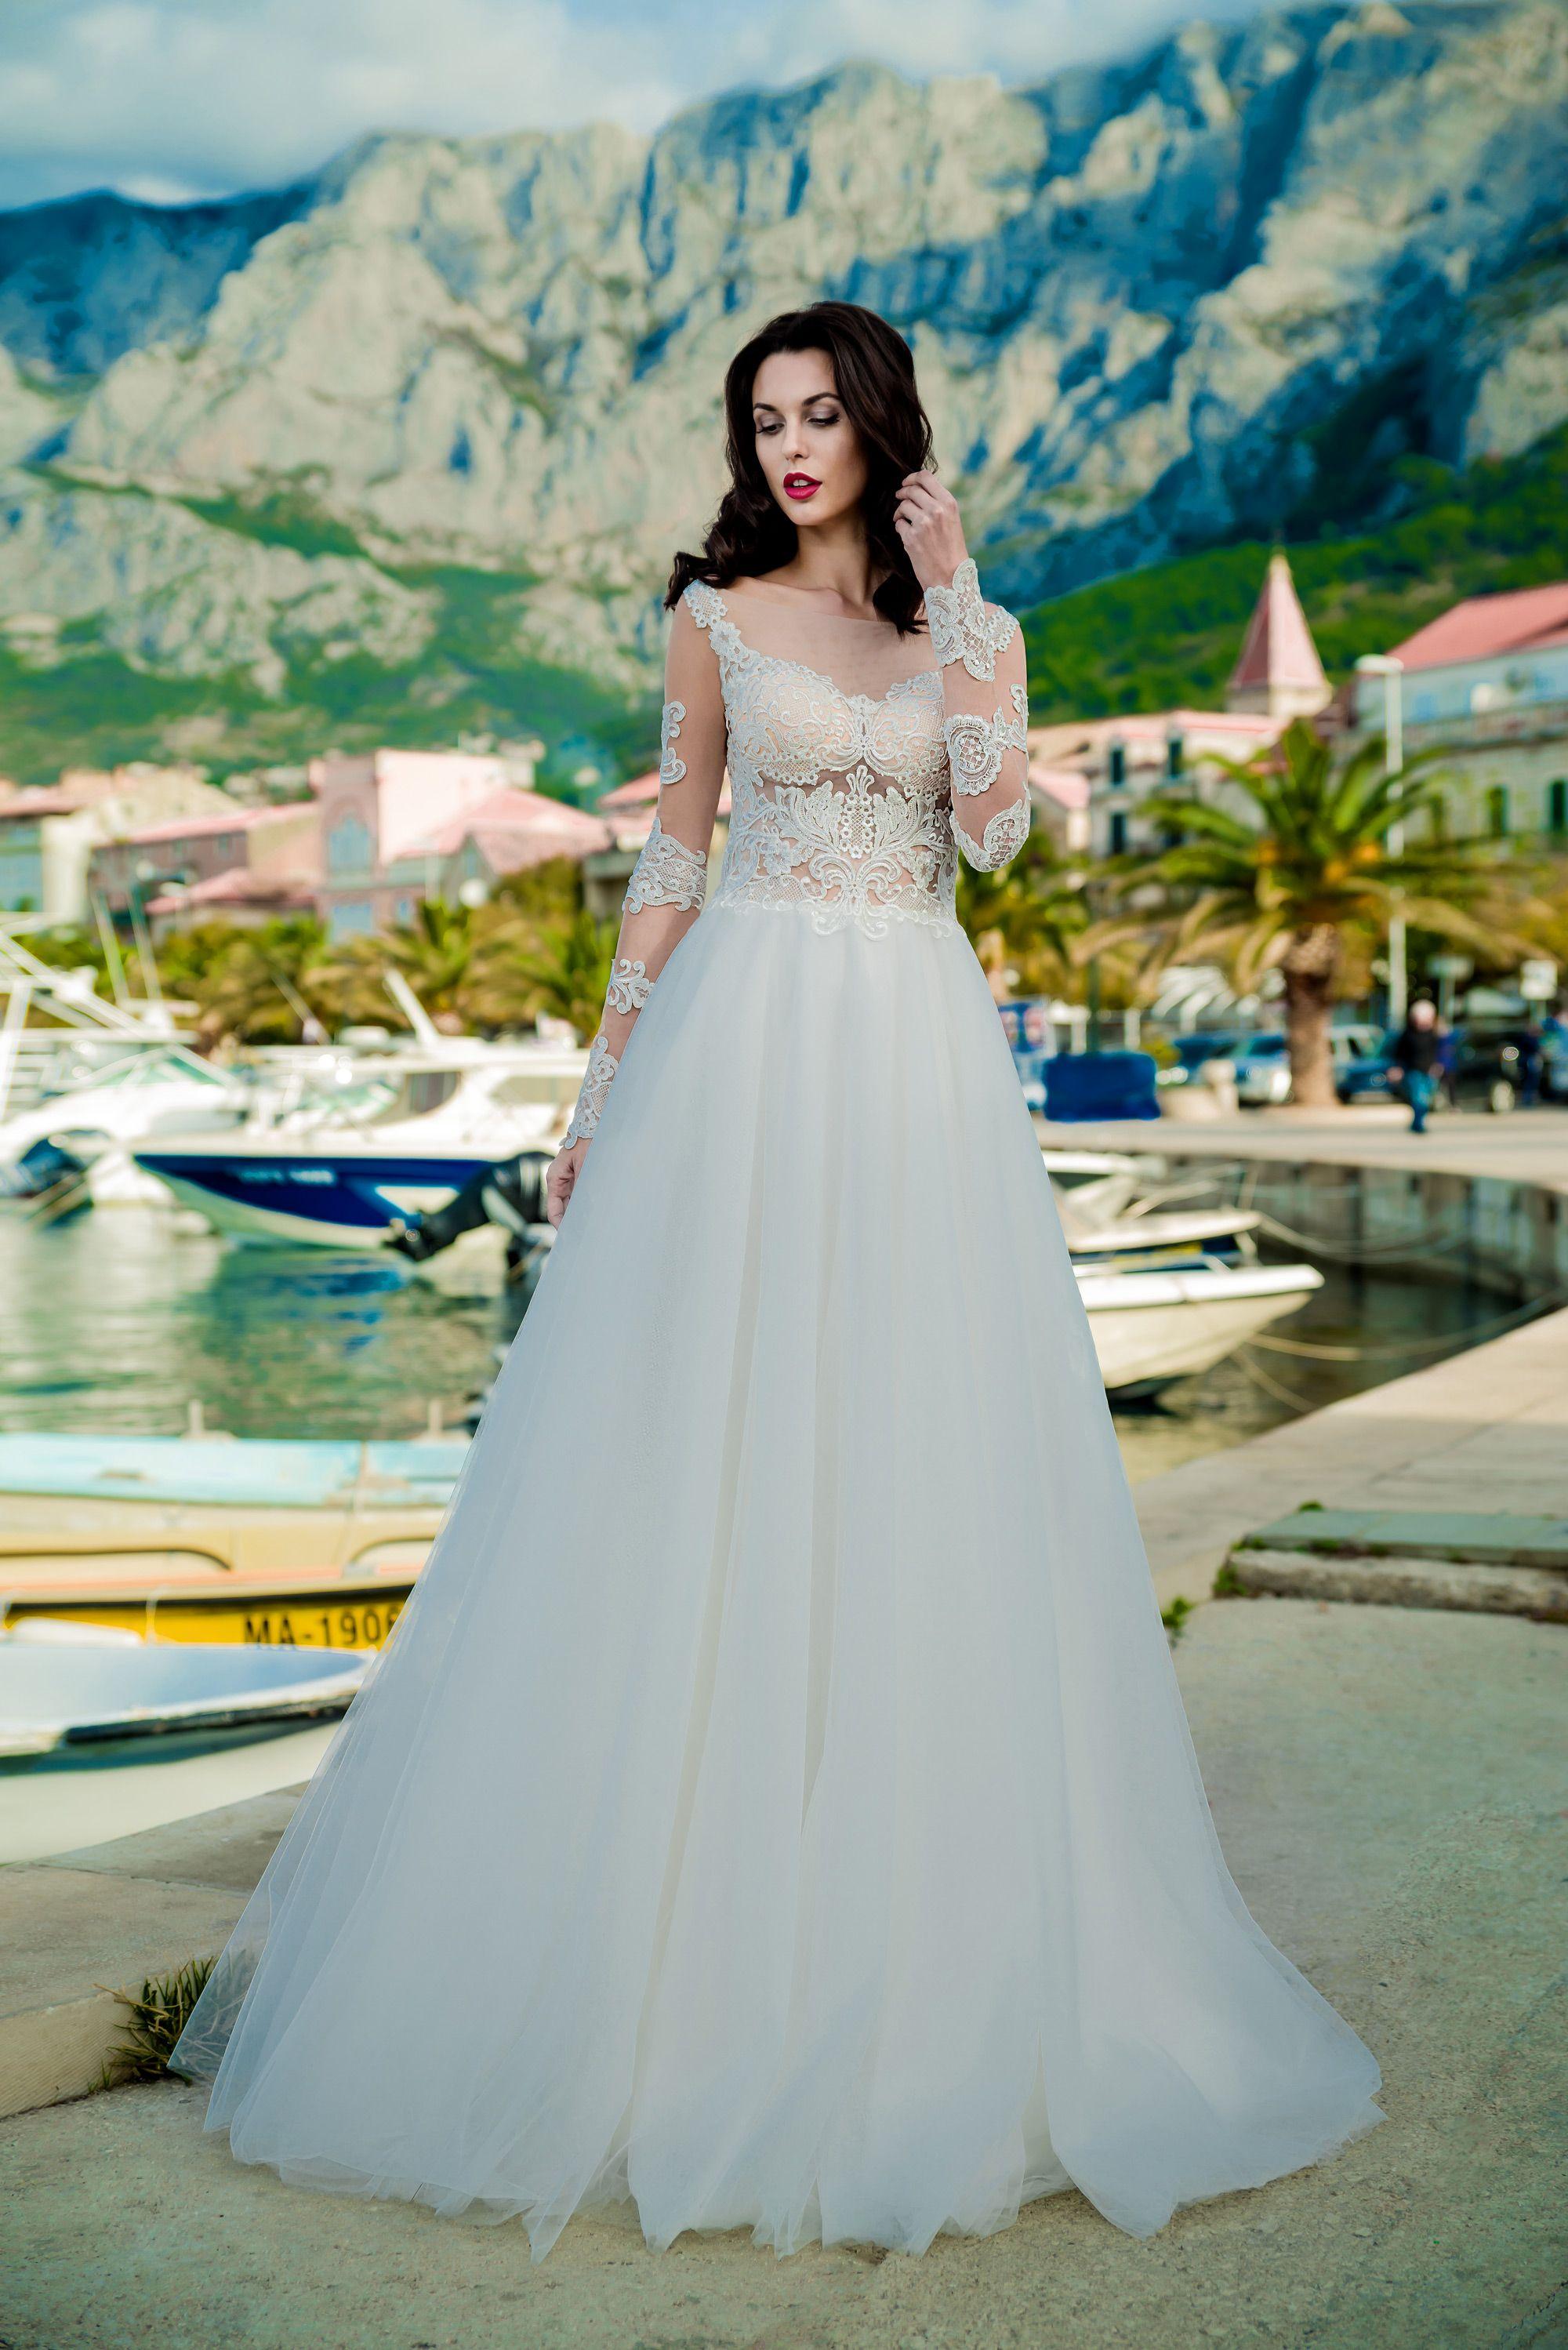 Svadobné šaty ARIADNE s dlhými rukávmi zdobenými čipkou. Veľká nadýchaná  tylová sukňa. Wedding dress 4ca682a1cf0